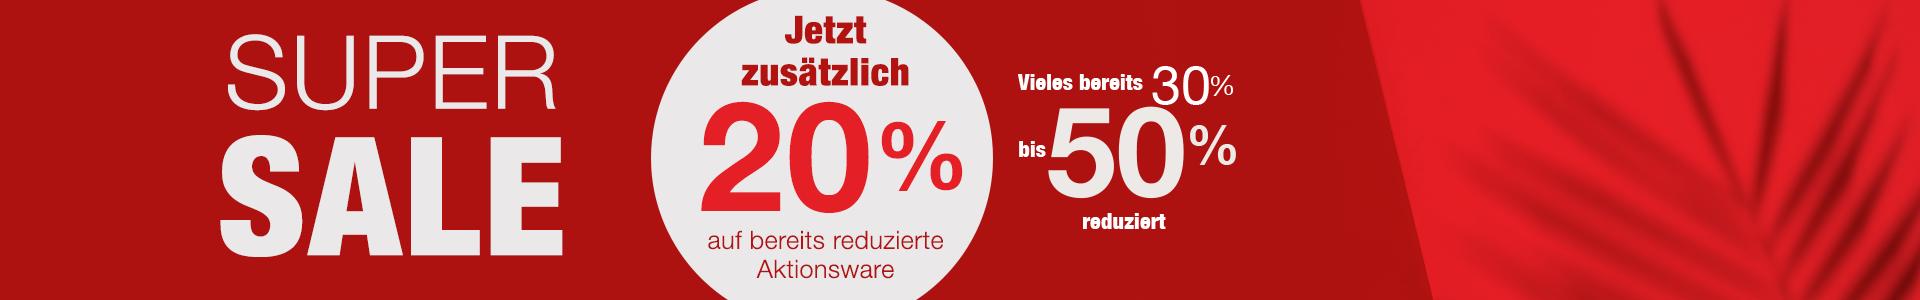 Schuh Mücke SUPER SALE! Zusätzlich 20% Rabatt auf bereits reduzierte Ware